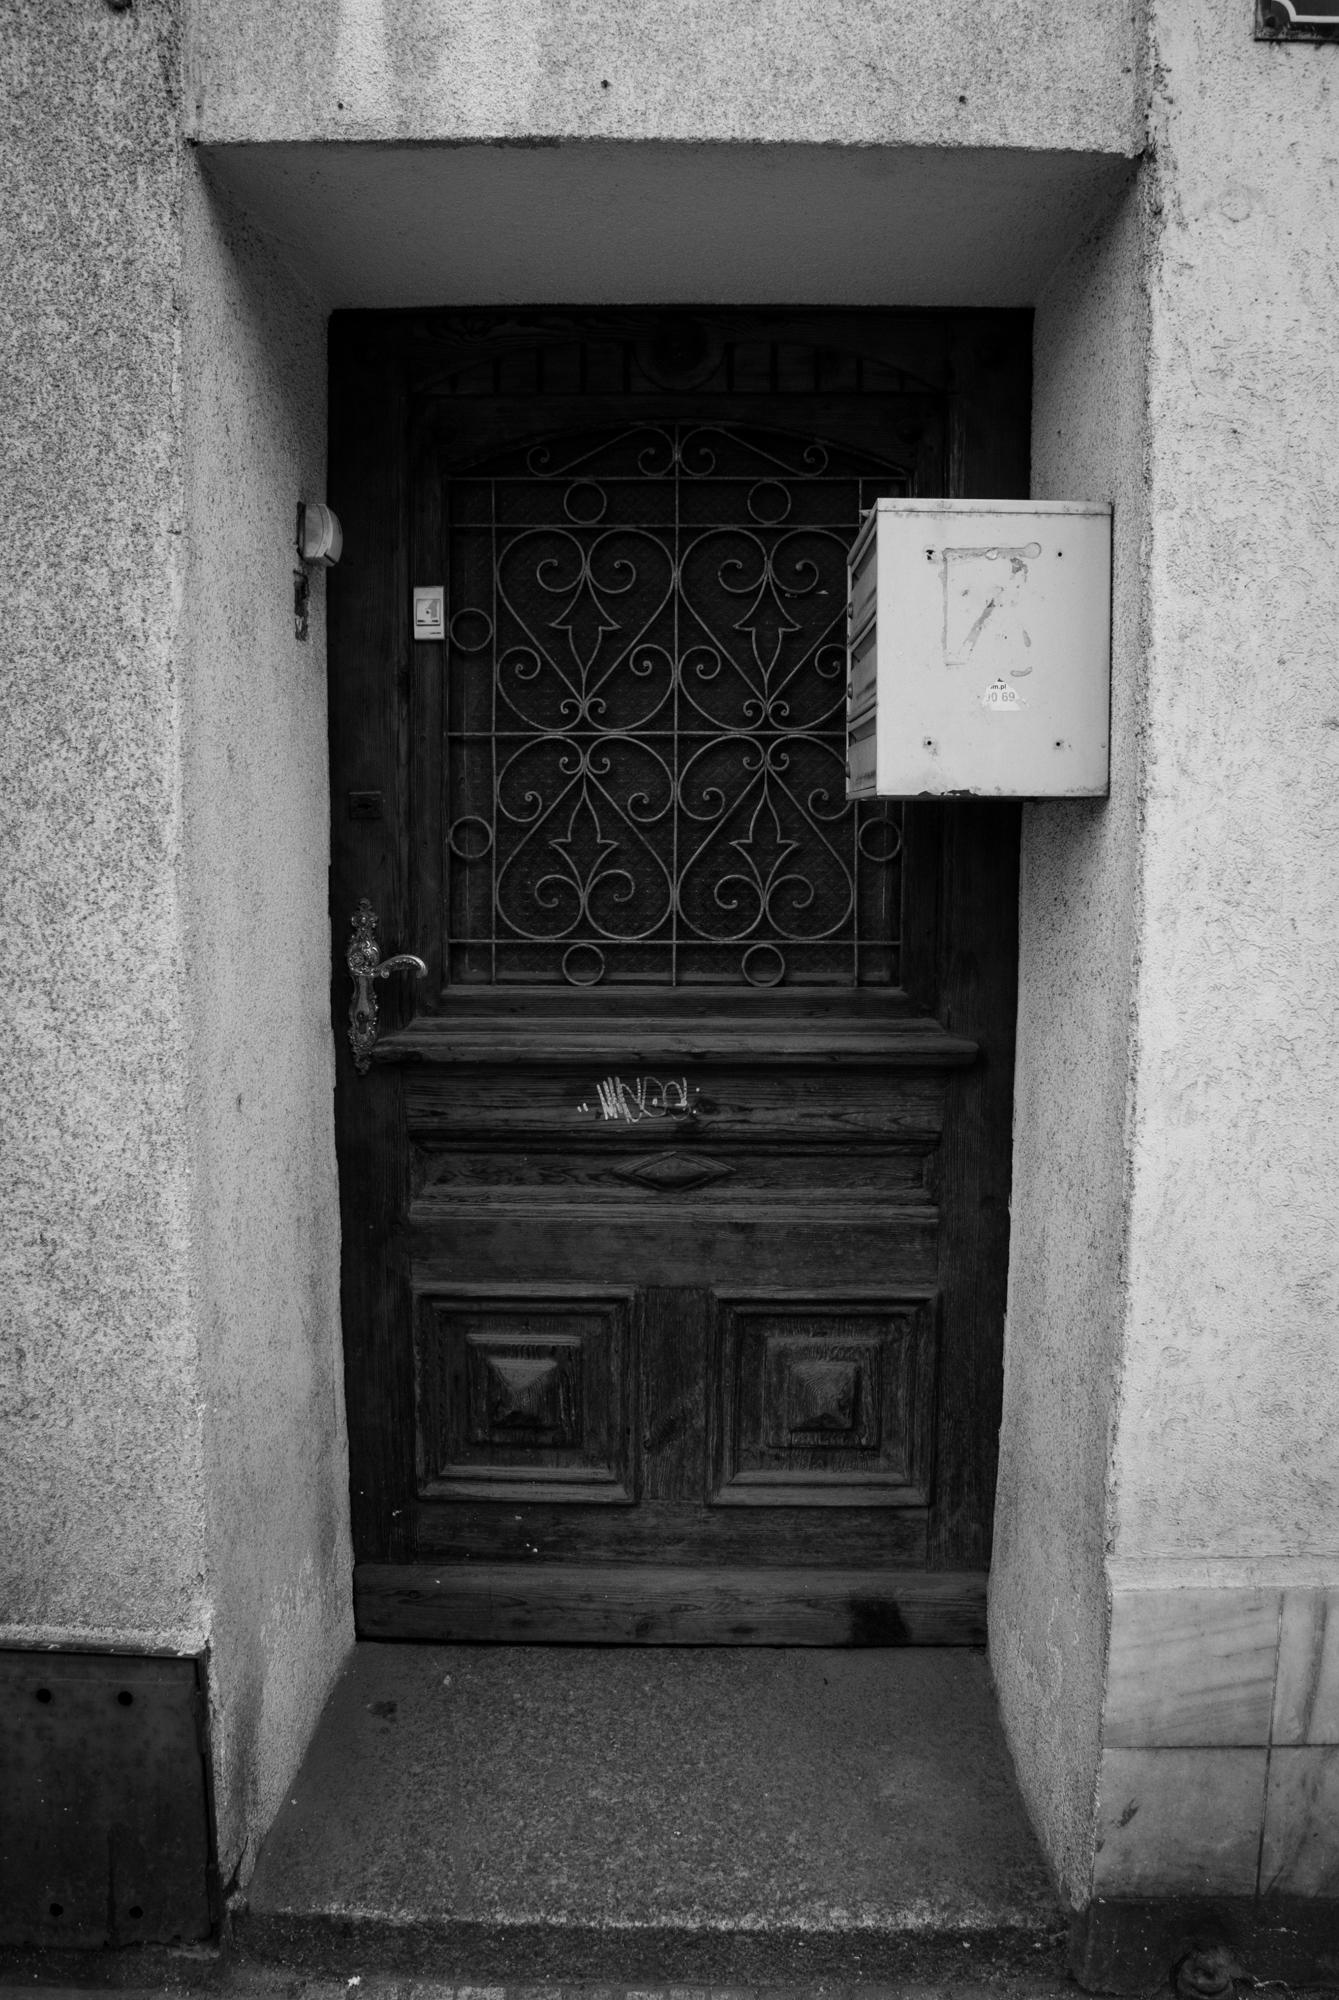 Gdzieś trzeba było te skrzynkę zamontować. Nie chcę wyobrażać sobie wnoszenia i wynoszenia sofy czy innych mebli przez te drzwi.